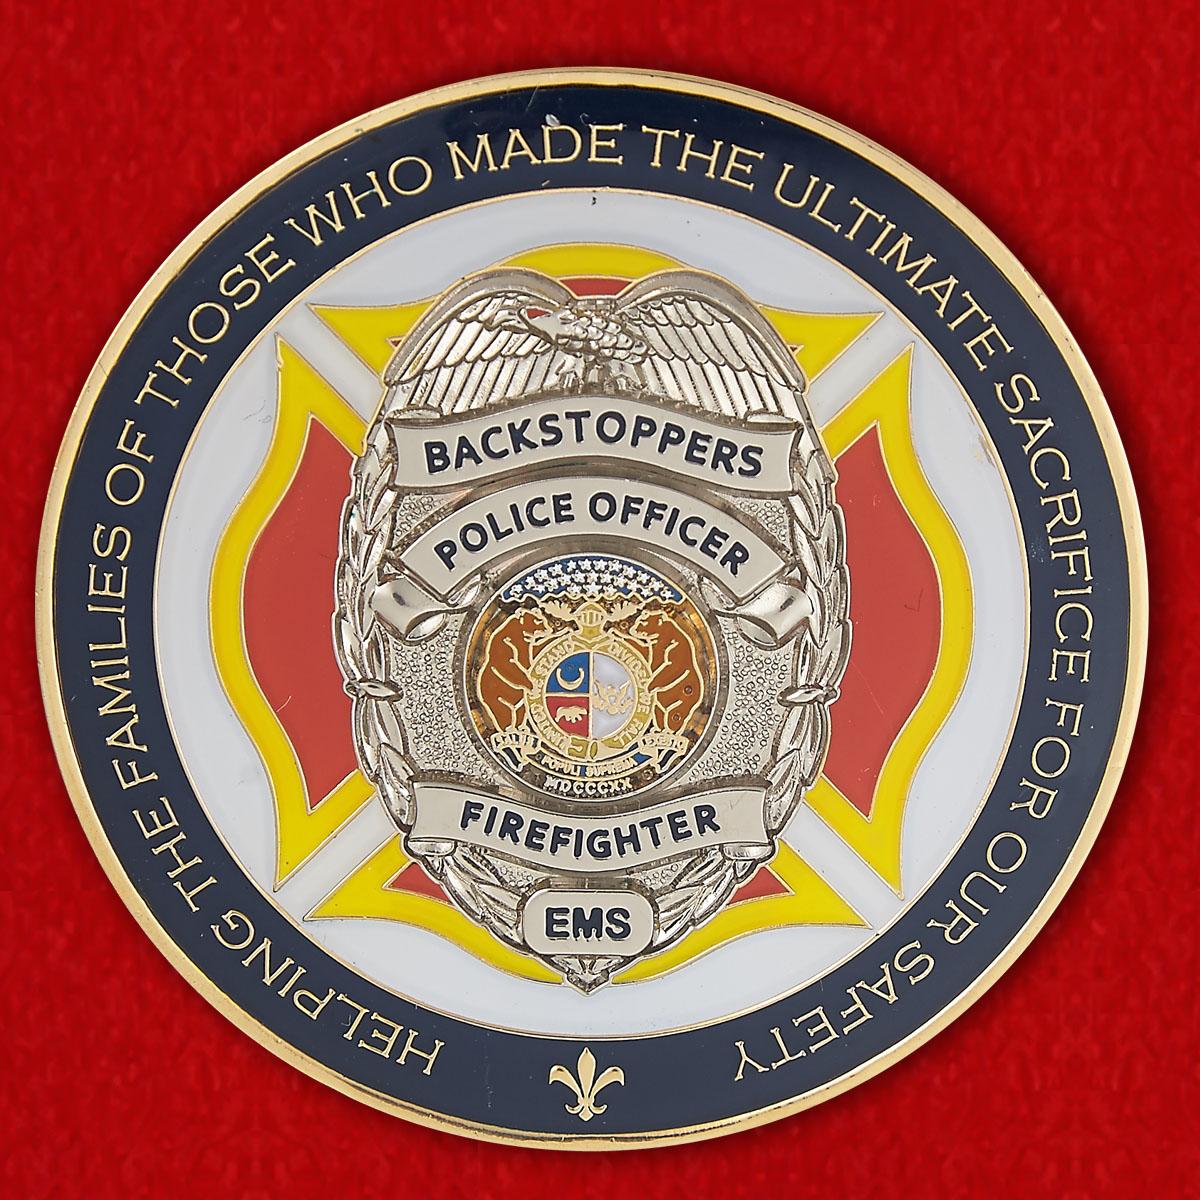 Челлендж коин Организации по оказанию финансовой помощи семьям погибших полицейских, пожарных, и добровольных спасателей